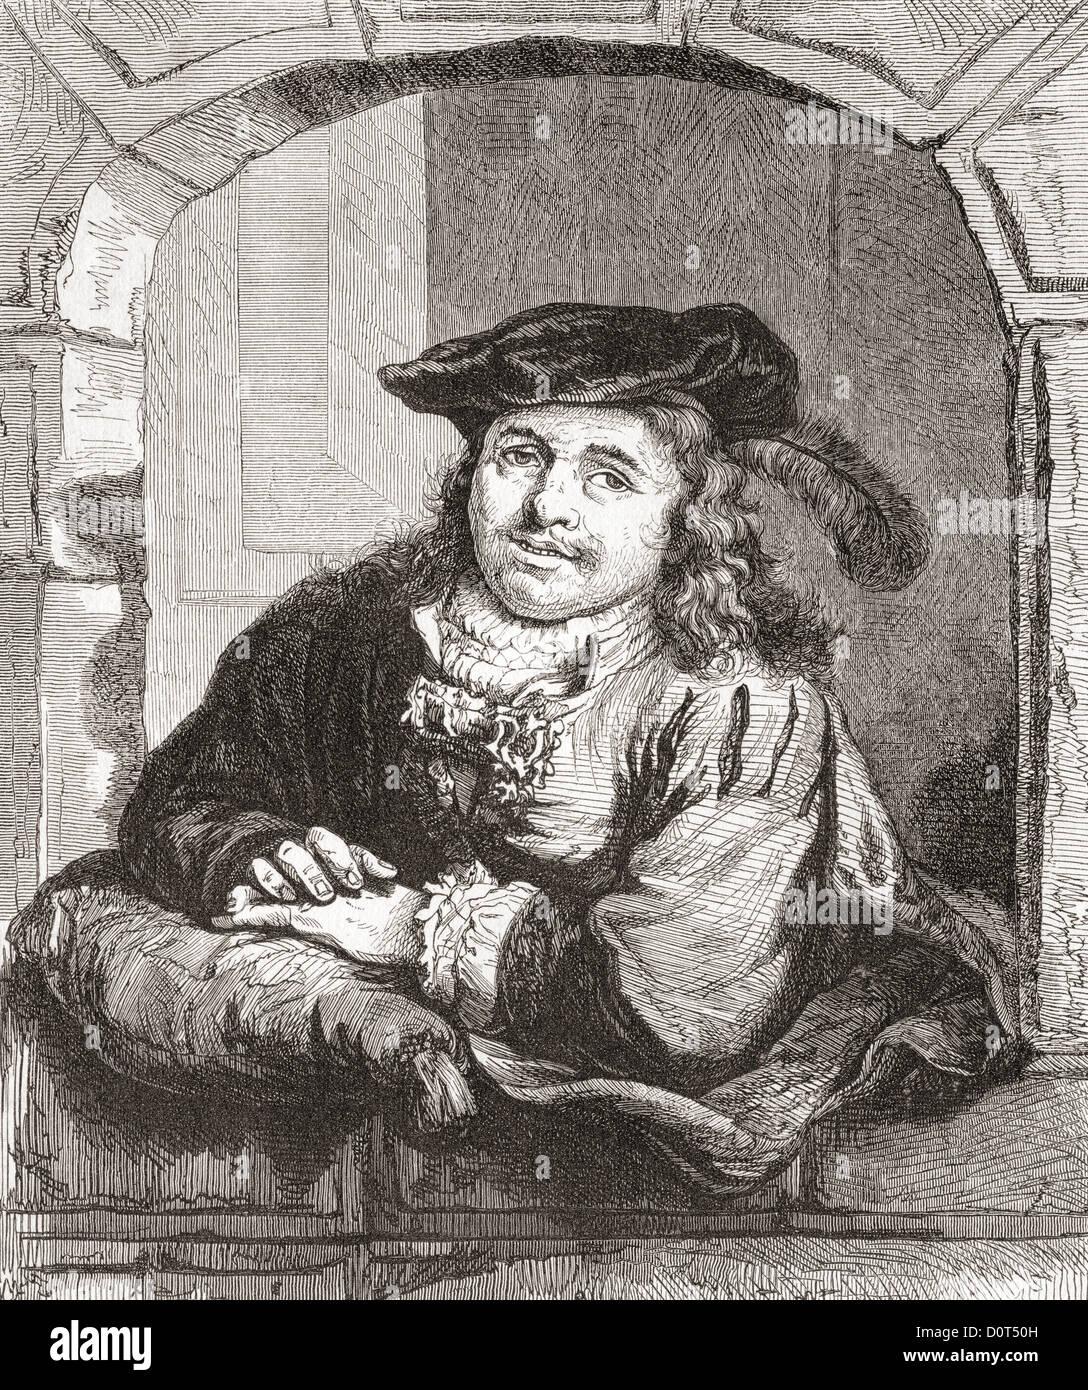 Ferdinand Bol, 1616 -1680. L'artiste néerlandais, graveur et dessinateur. Photo Stock